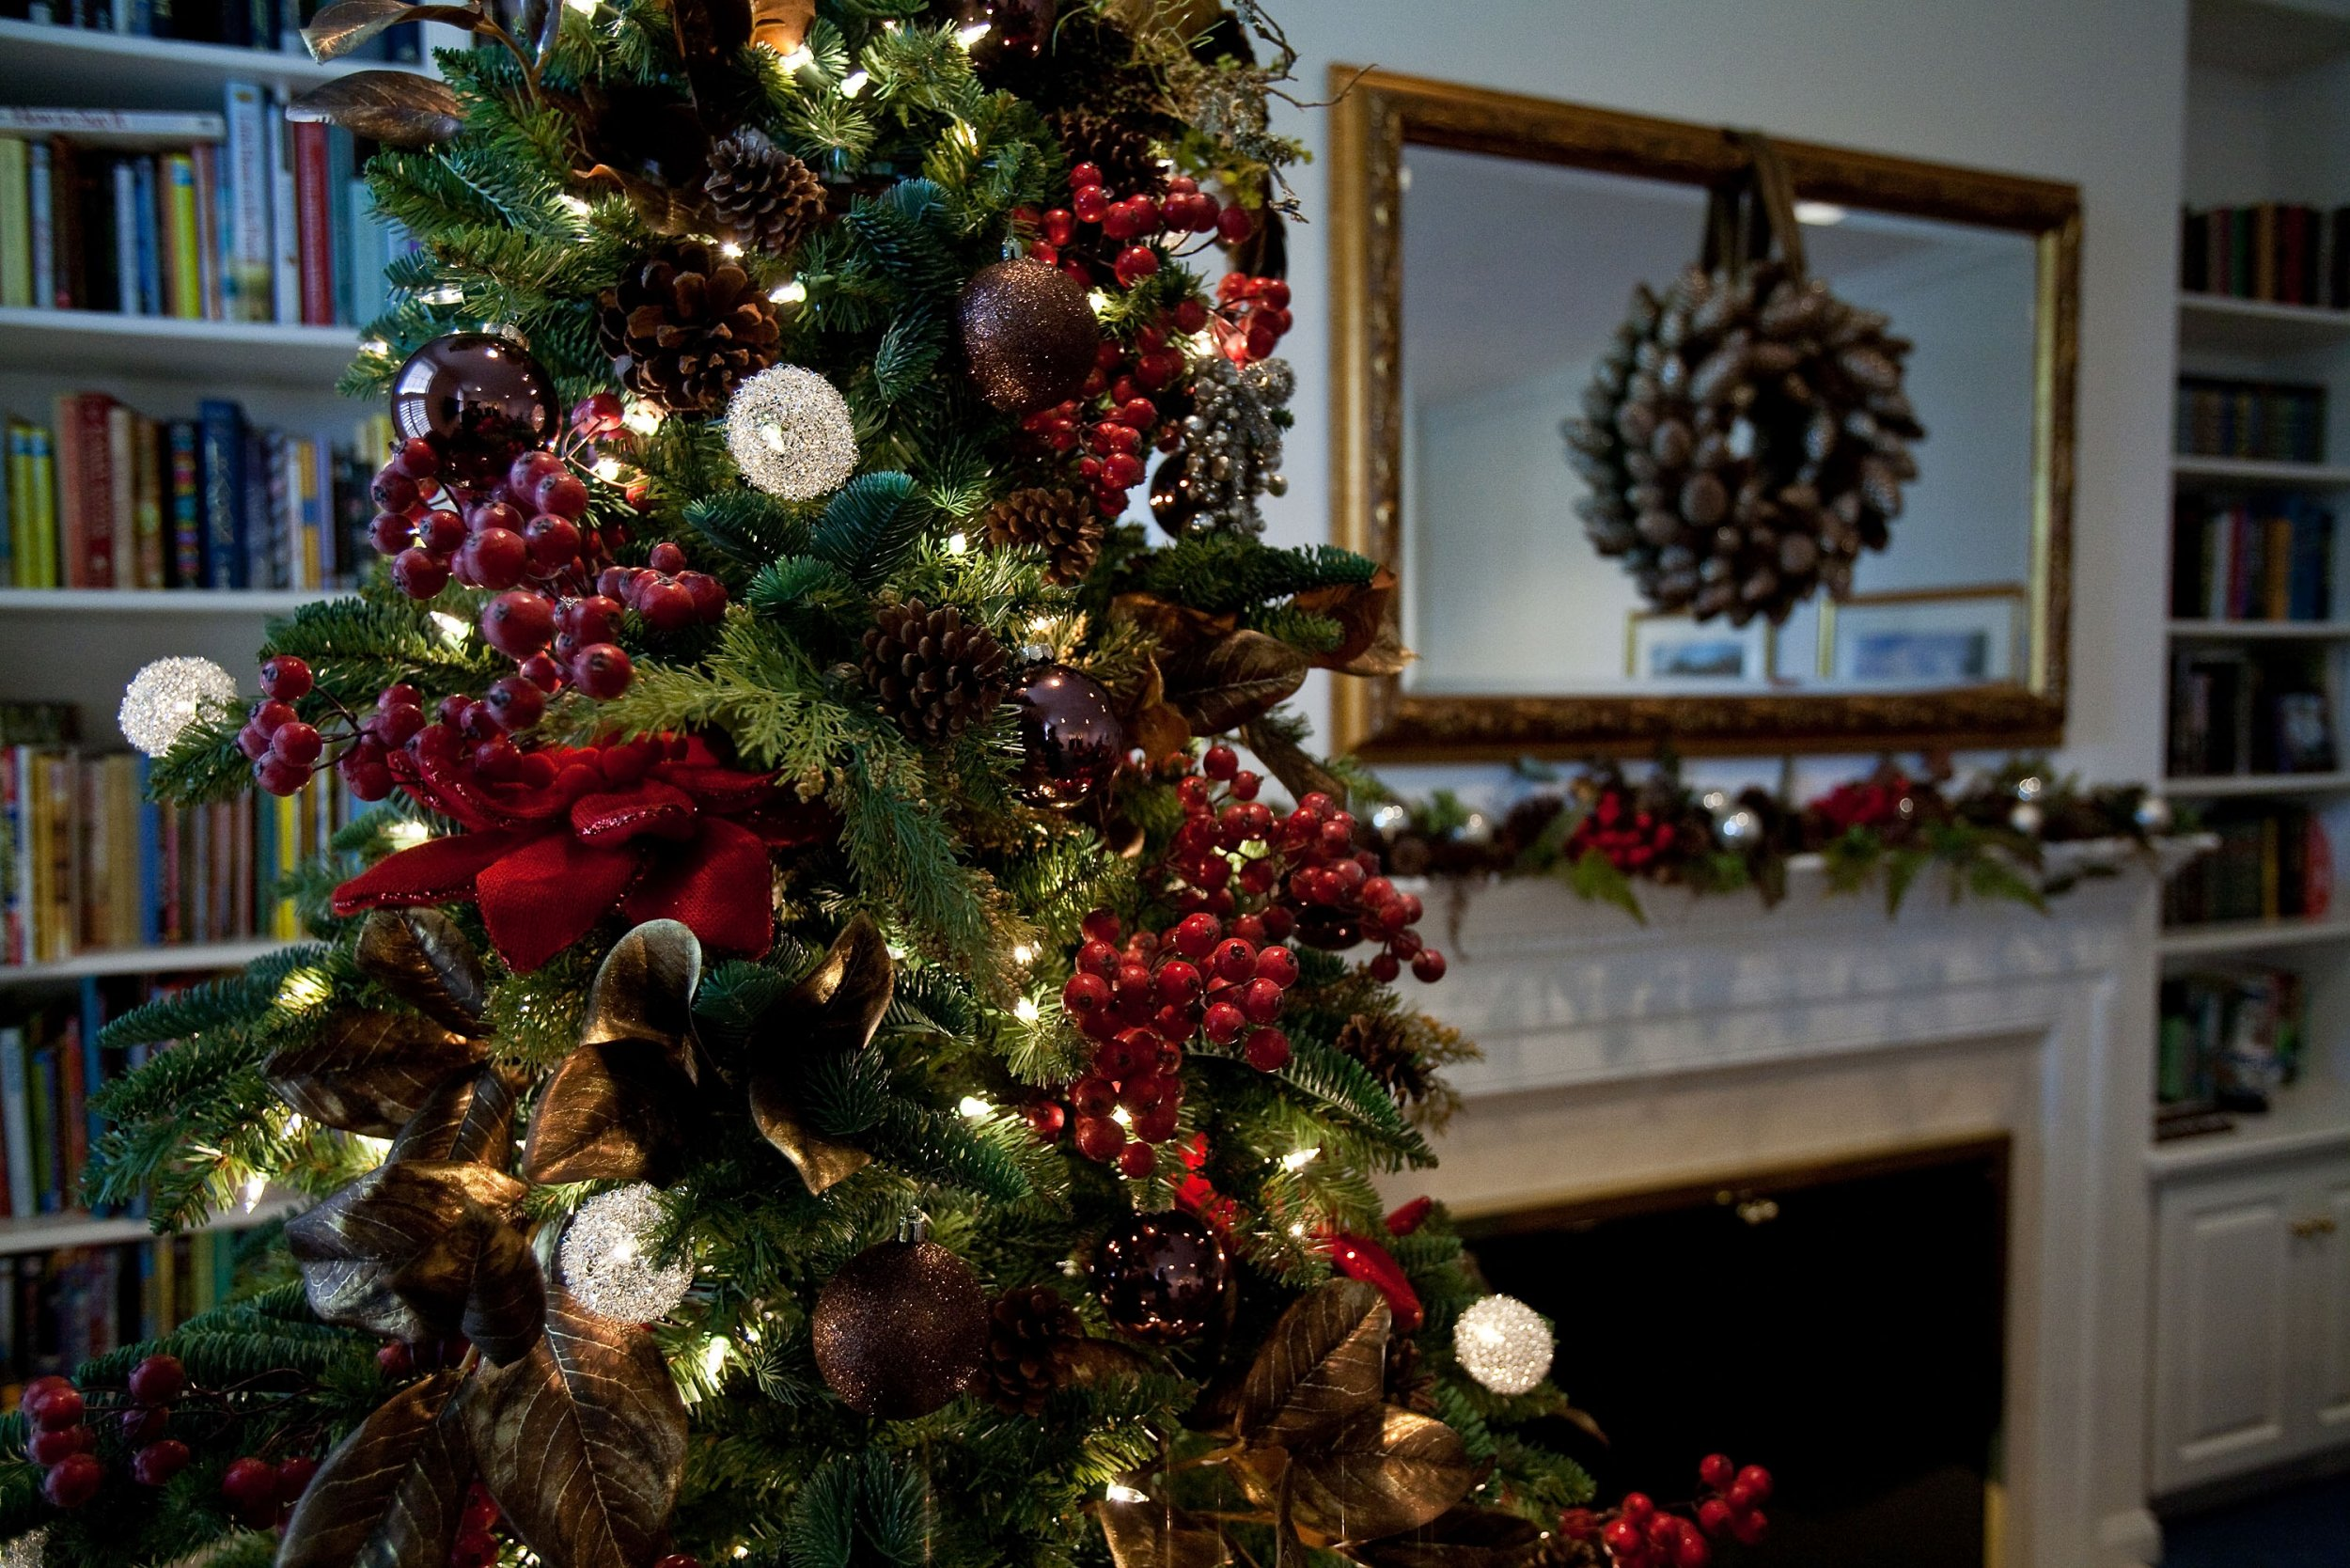 christmas tree inside house